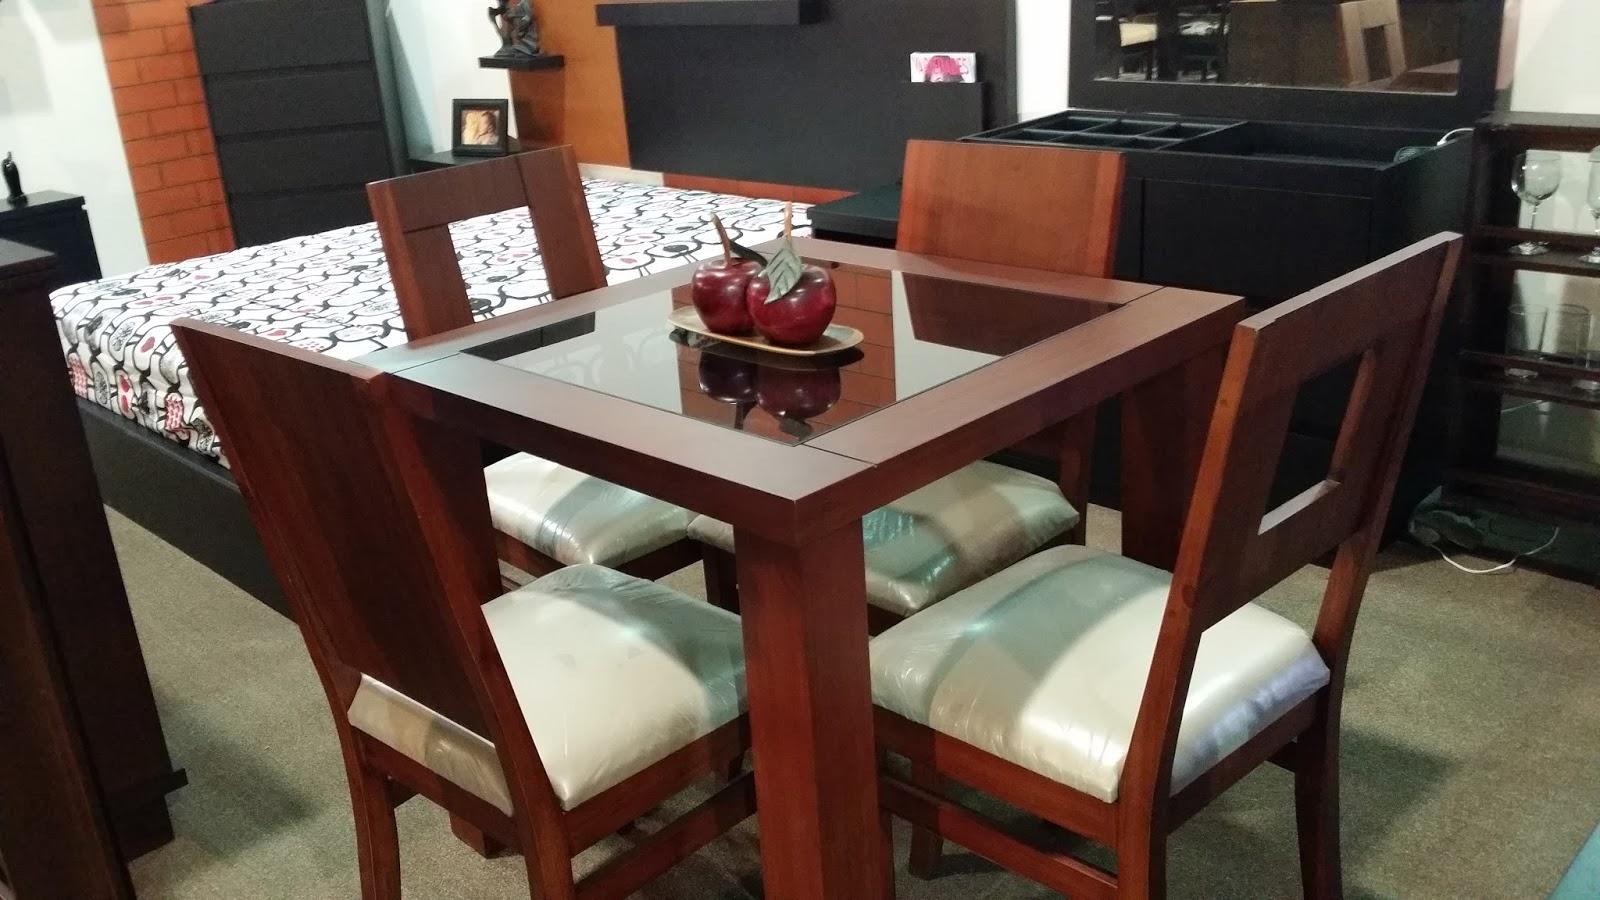 El artesano del mueble megaferia mueble hogar y decoracion for Muebles y decoracion para el hogar